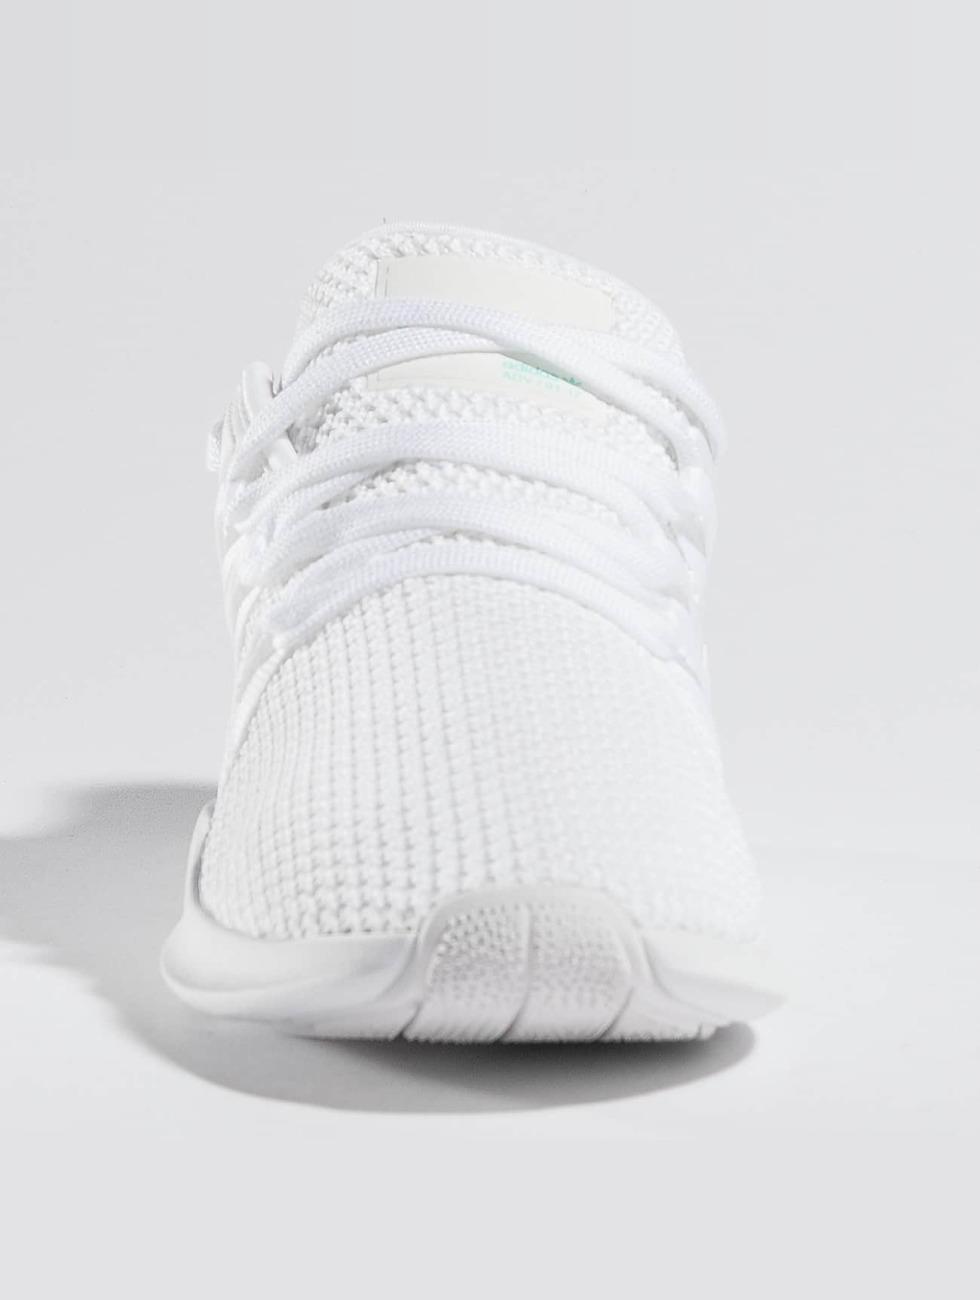 Adidas Originals Course Équipement Schoen / Baskets Adv W Dans L'esprit 368546 Footlocker Pas Cher En Ligne Finishline M8sS7EB